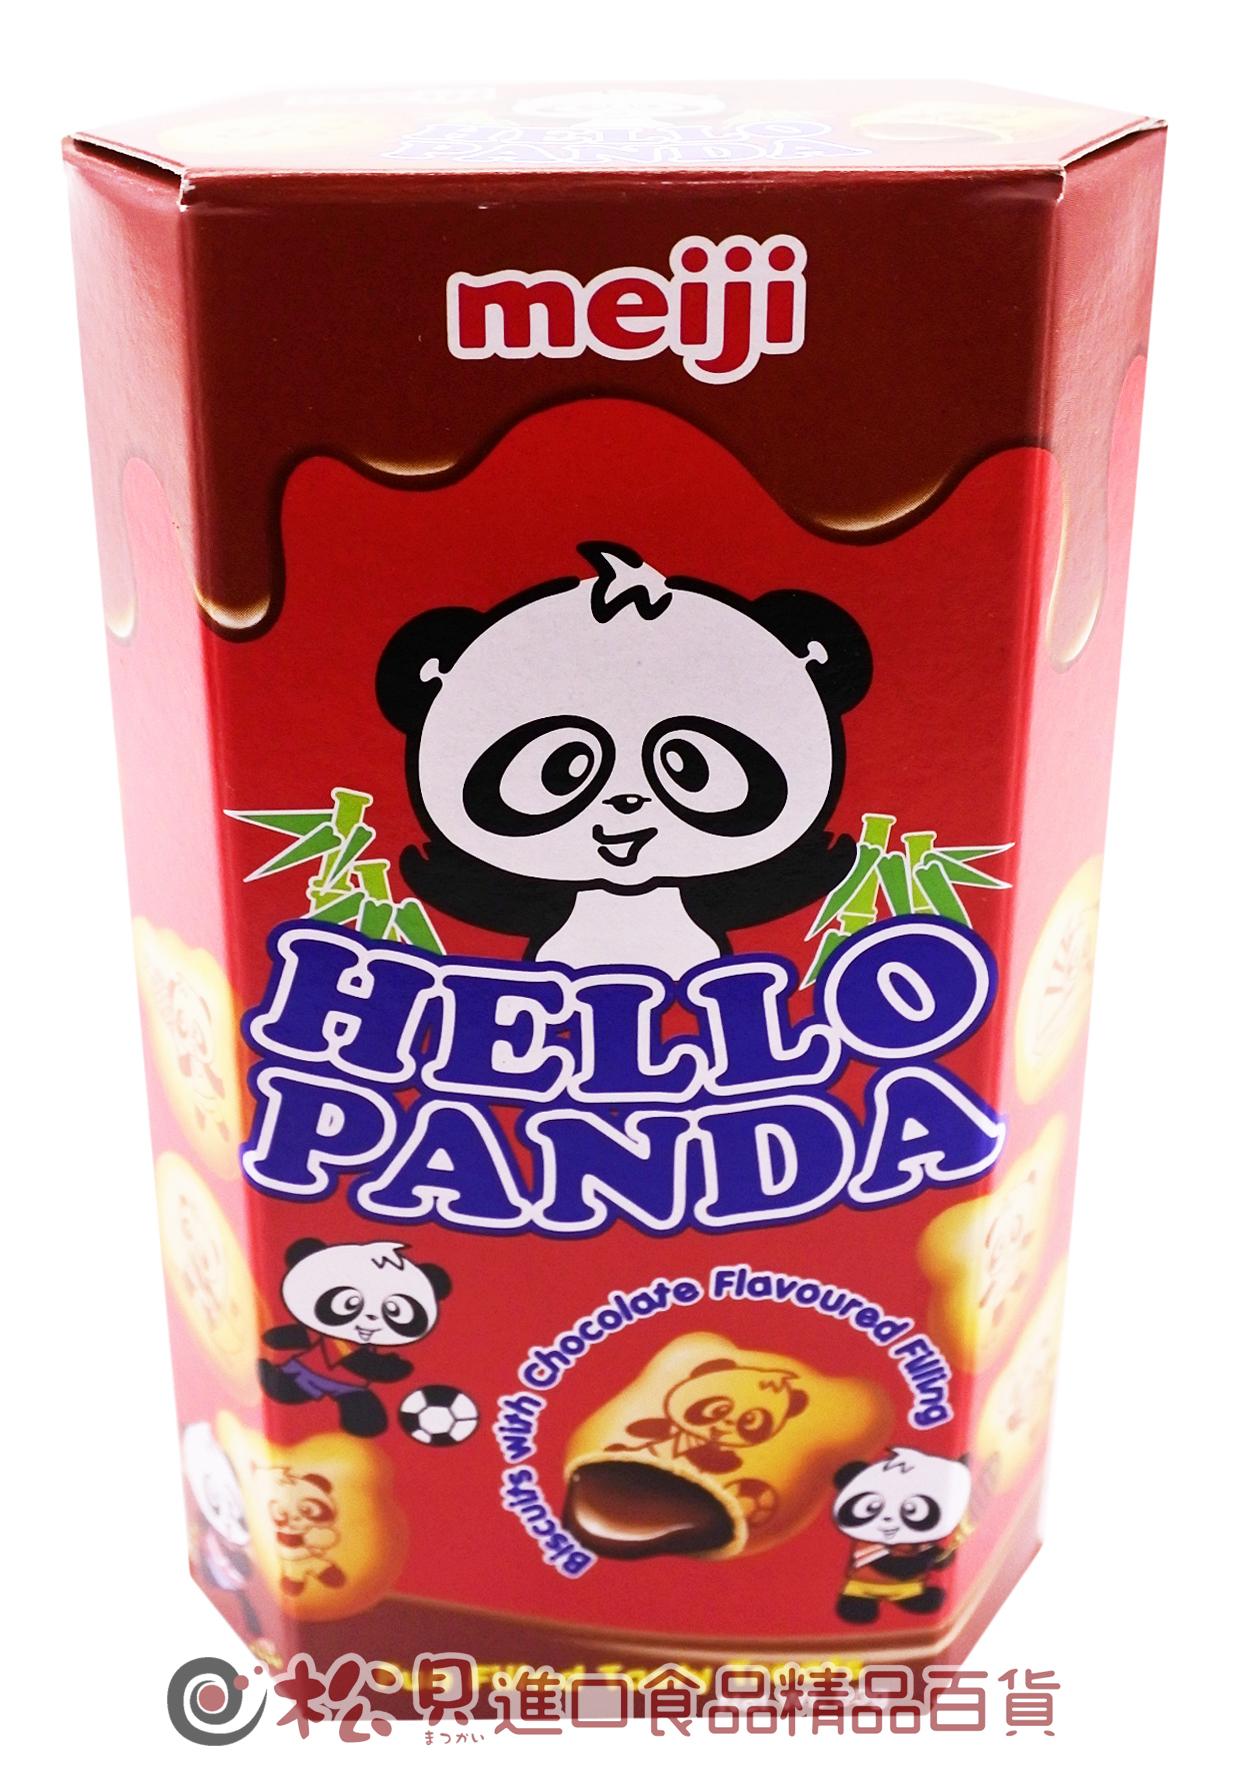 明治熊貓巧克力夾心餅50g【8888077102023】.jpg